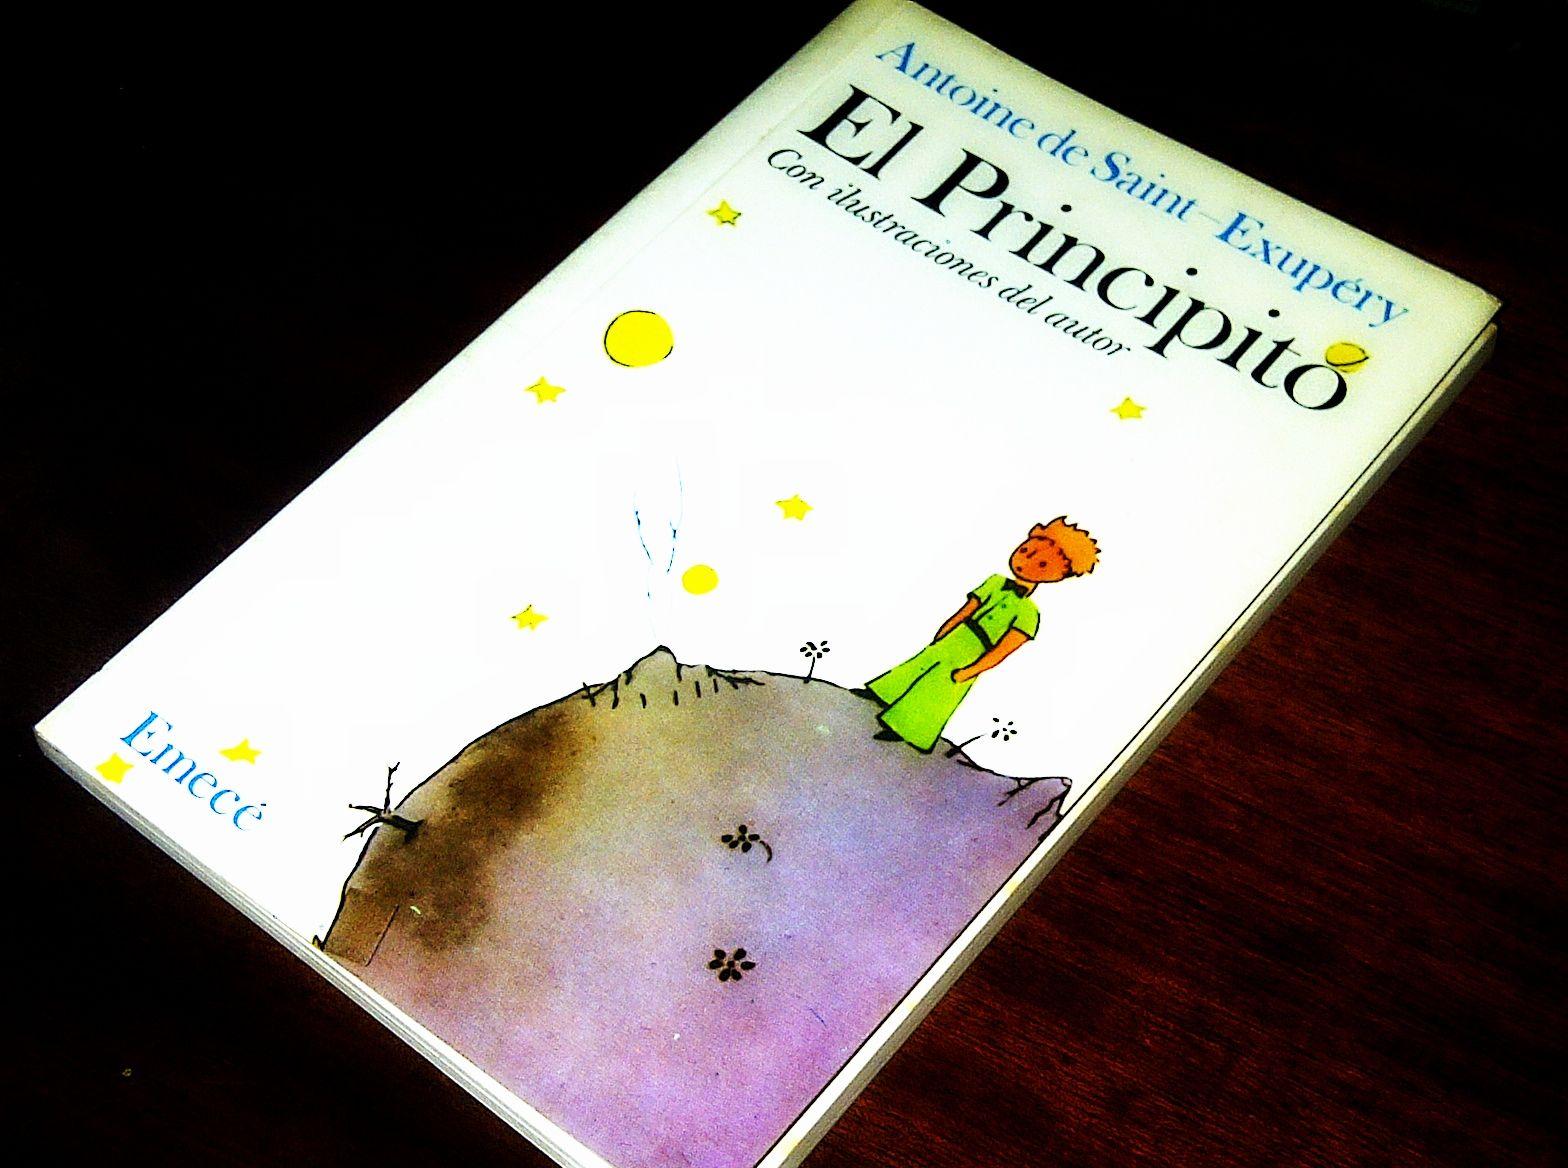 Un clásico de todos los tiempos. Este es un libro que se lee a todas las edades, puesto que en las distintas etapas de la vida uno puede encontrarle diferentes interpretaciones: son enseñansas para los niños, ideales para los adolescentes y recordatorios para los adultos